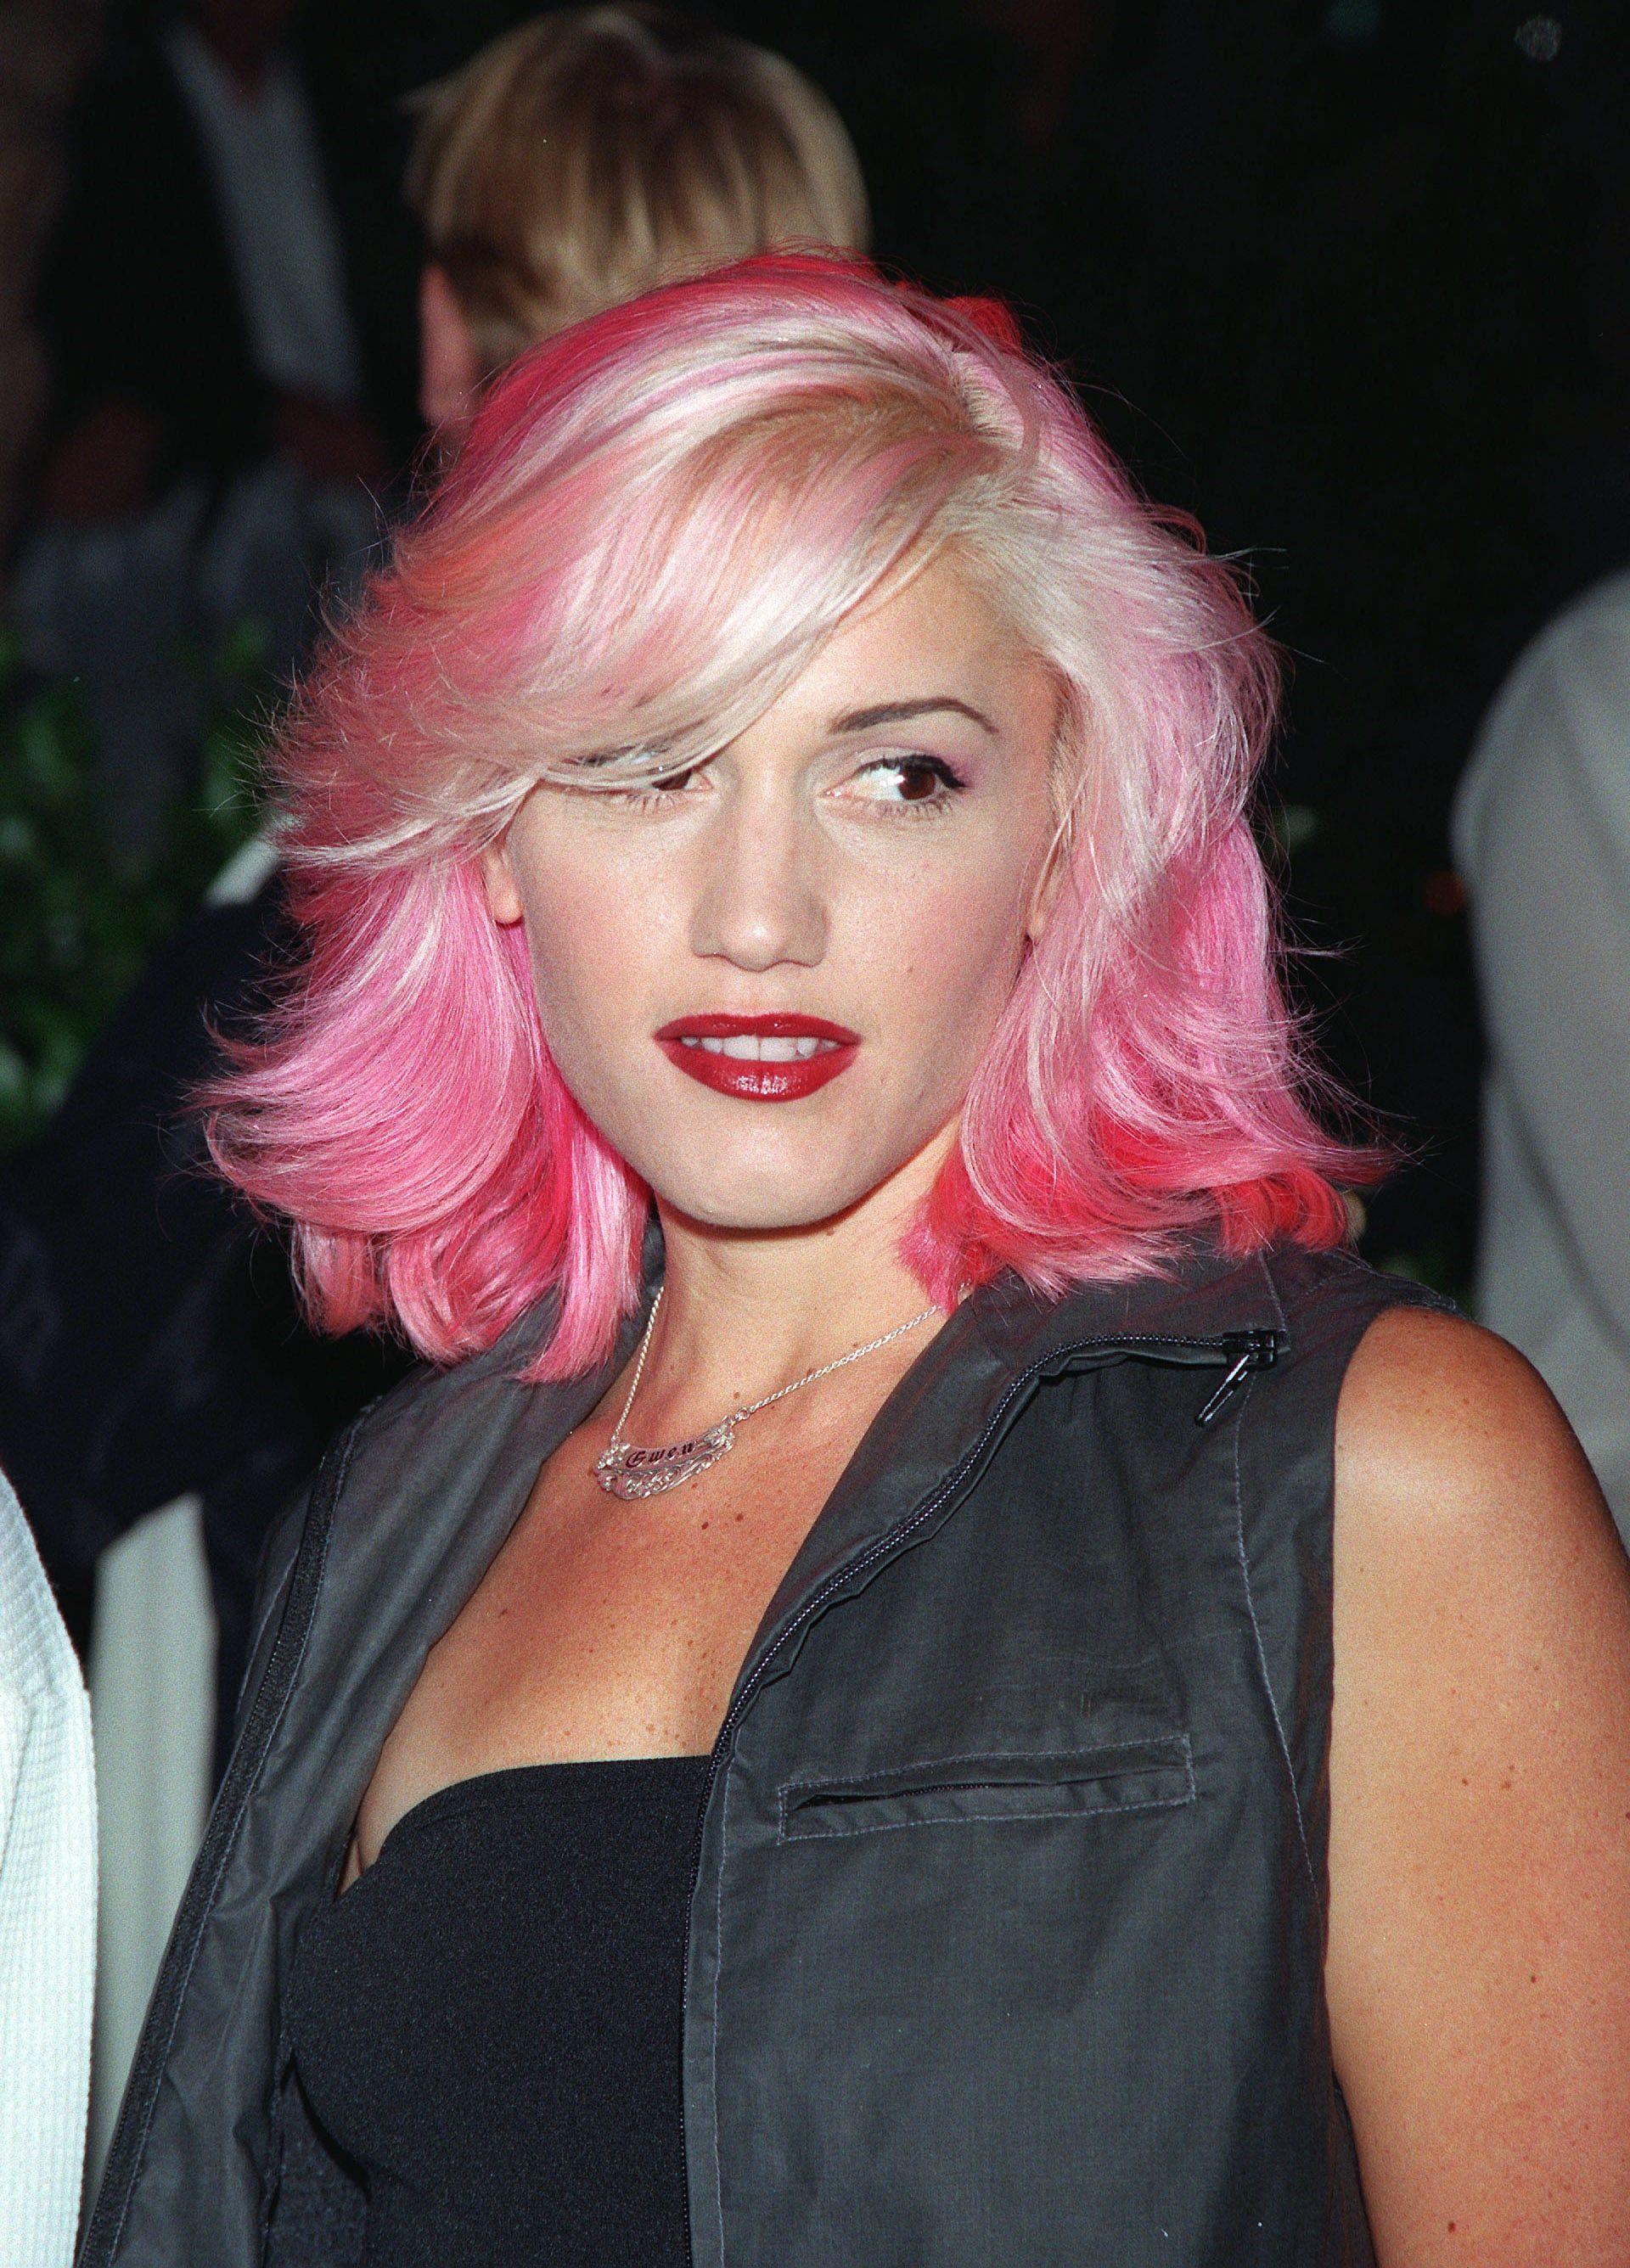 Gwen Stefani With Pink And Blond Hair Gwen Stefani Hair Pink Hair Hair Beauty